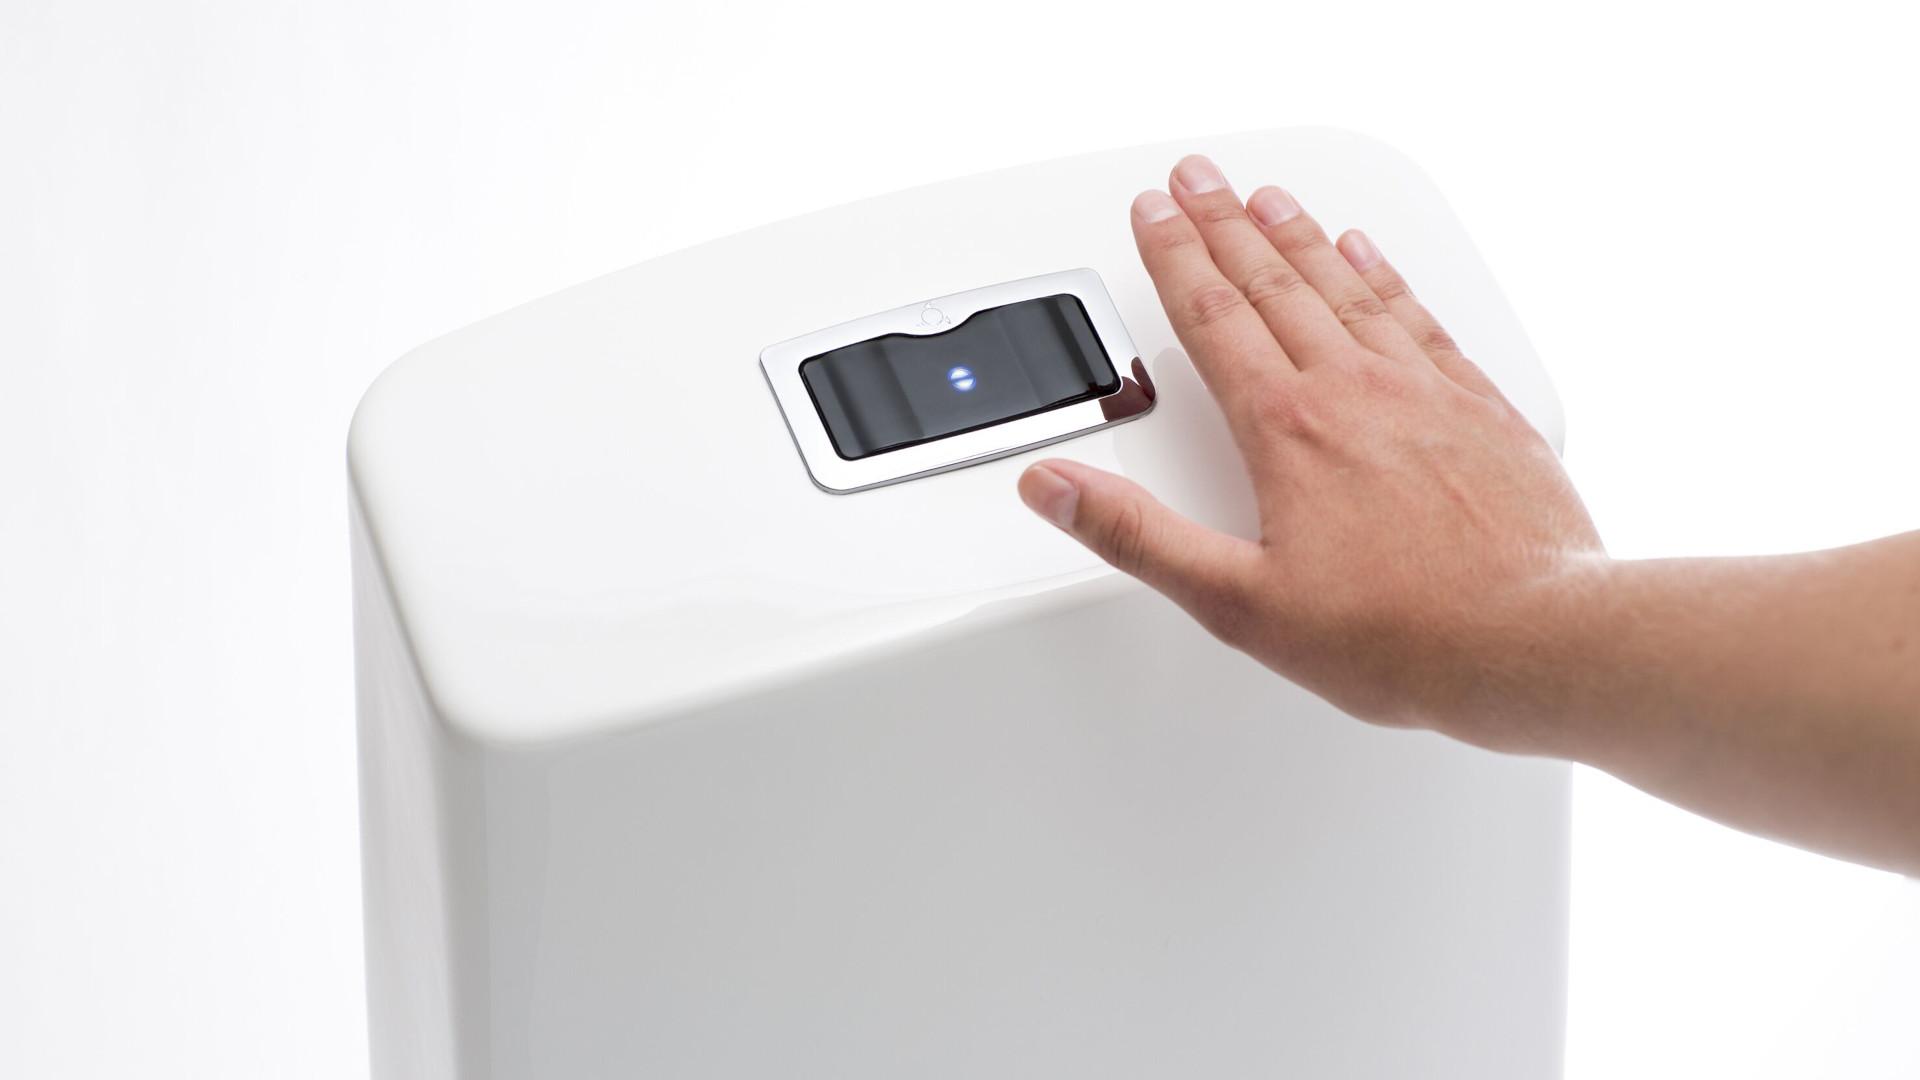 IDO Glow Sensorissa yhdistyvät kosketusvapaus ja huuhtelupainikkeen virtaviivainen muotoilu.